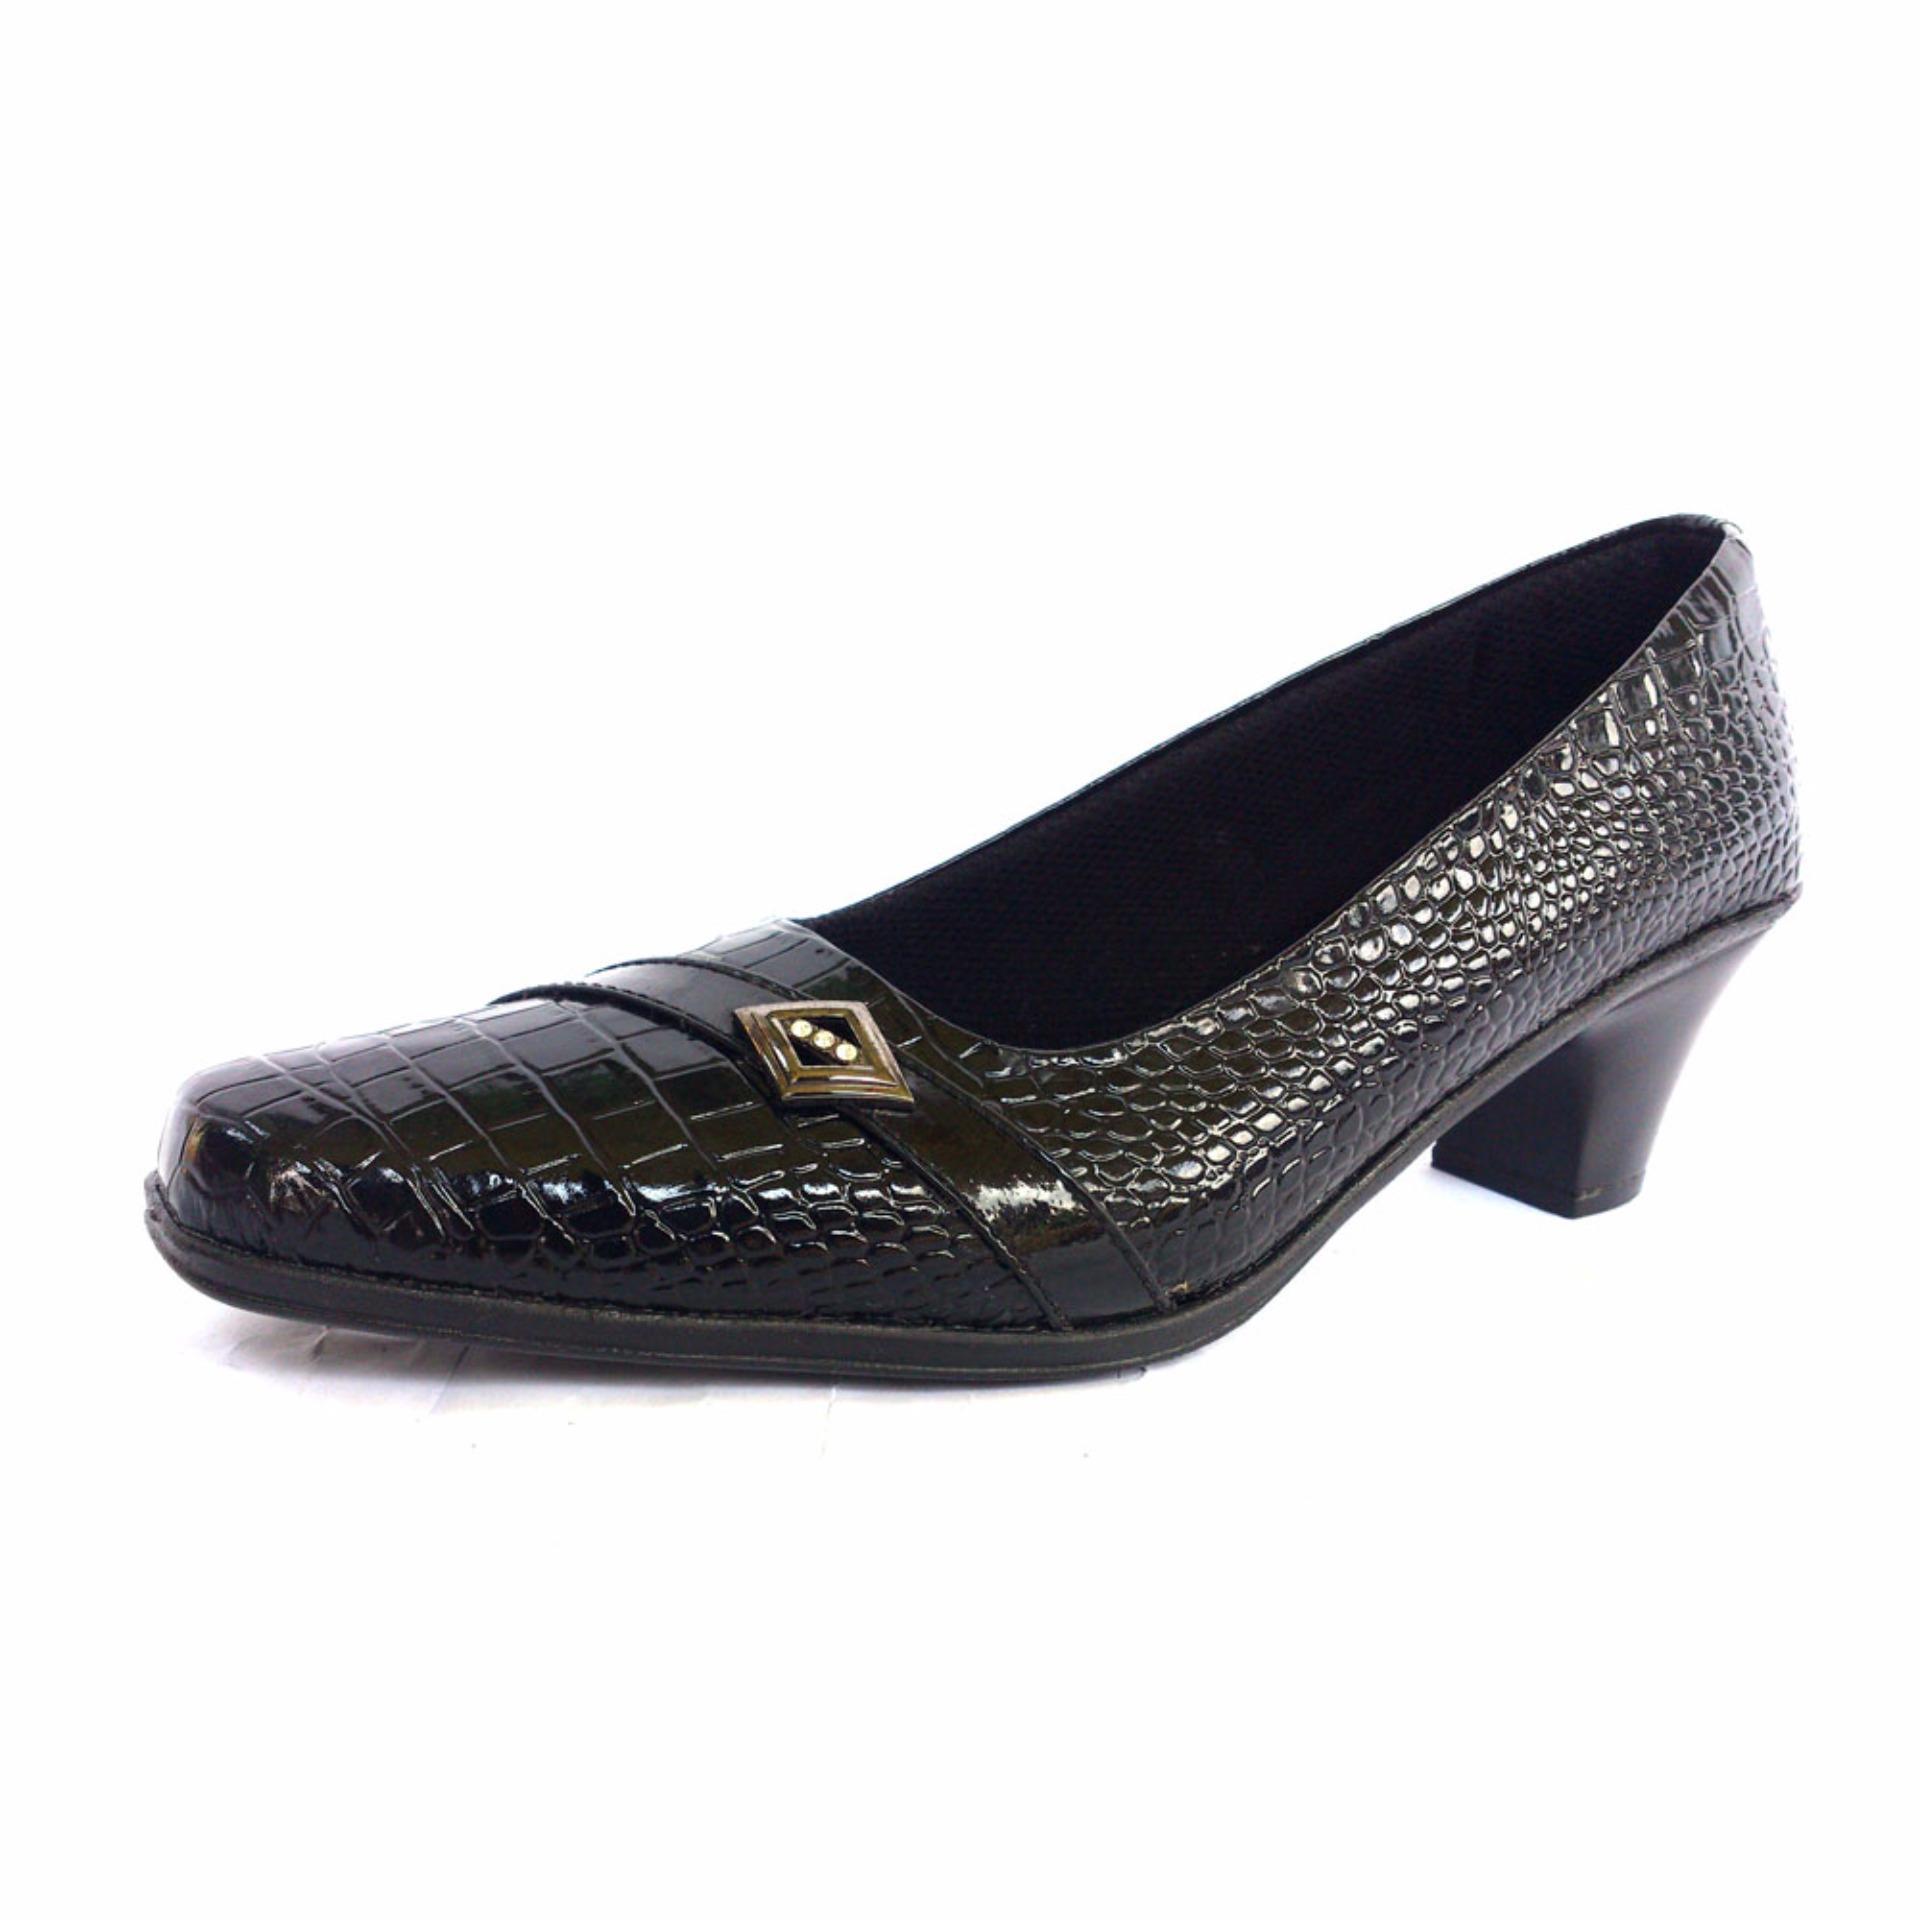 Harga Models Sepatu Pantofel Sepatu Kerja Sepatu Kantor Motif Kulit Buaya Local Ori